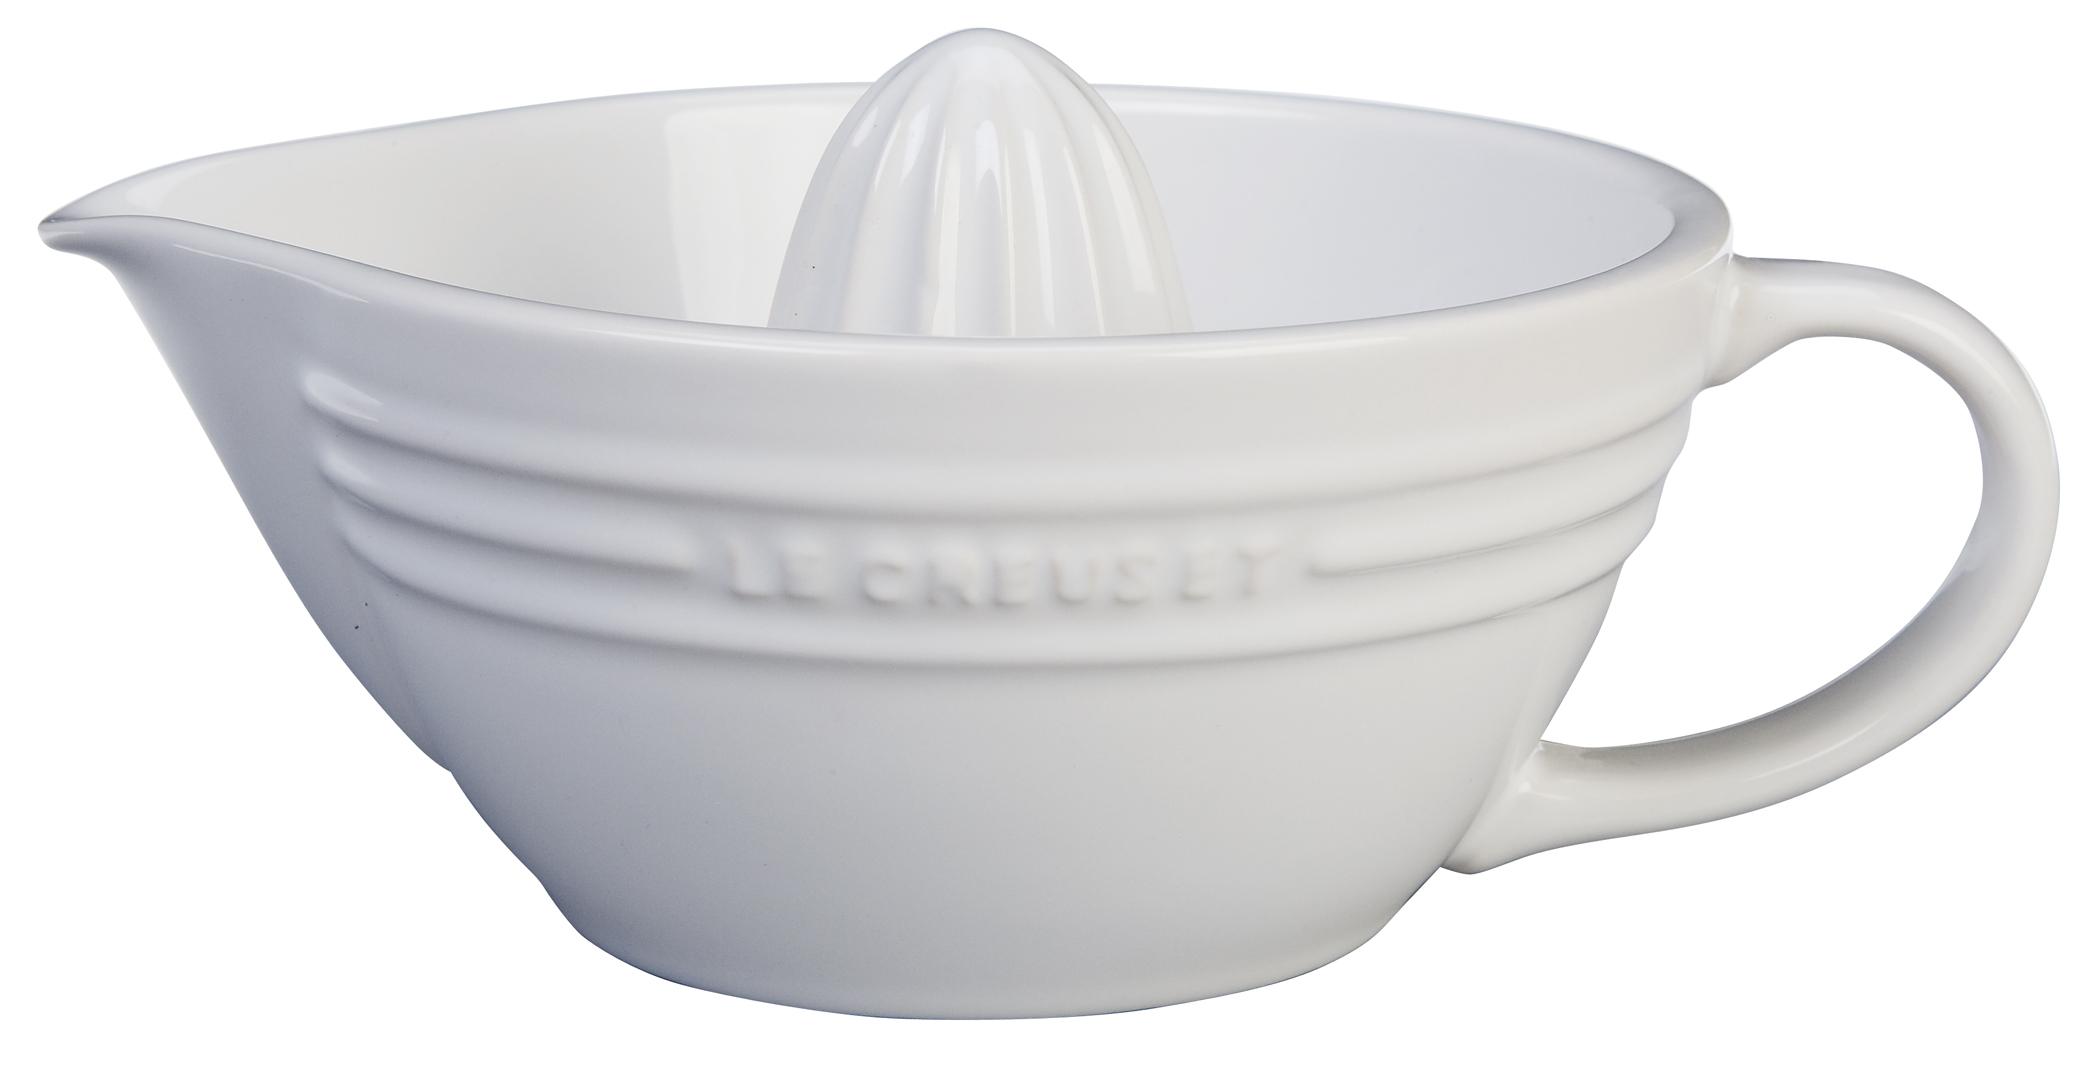 Le Creuset White Stoneware Citrus Juicer